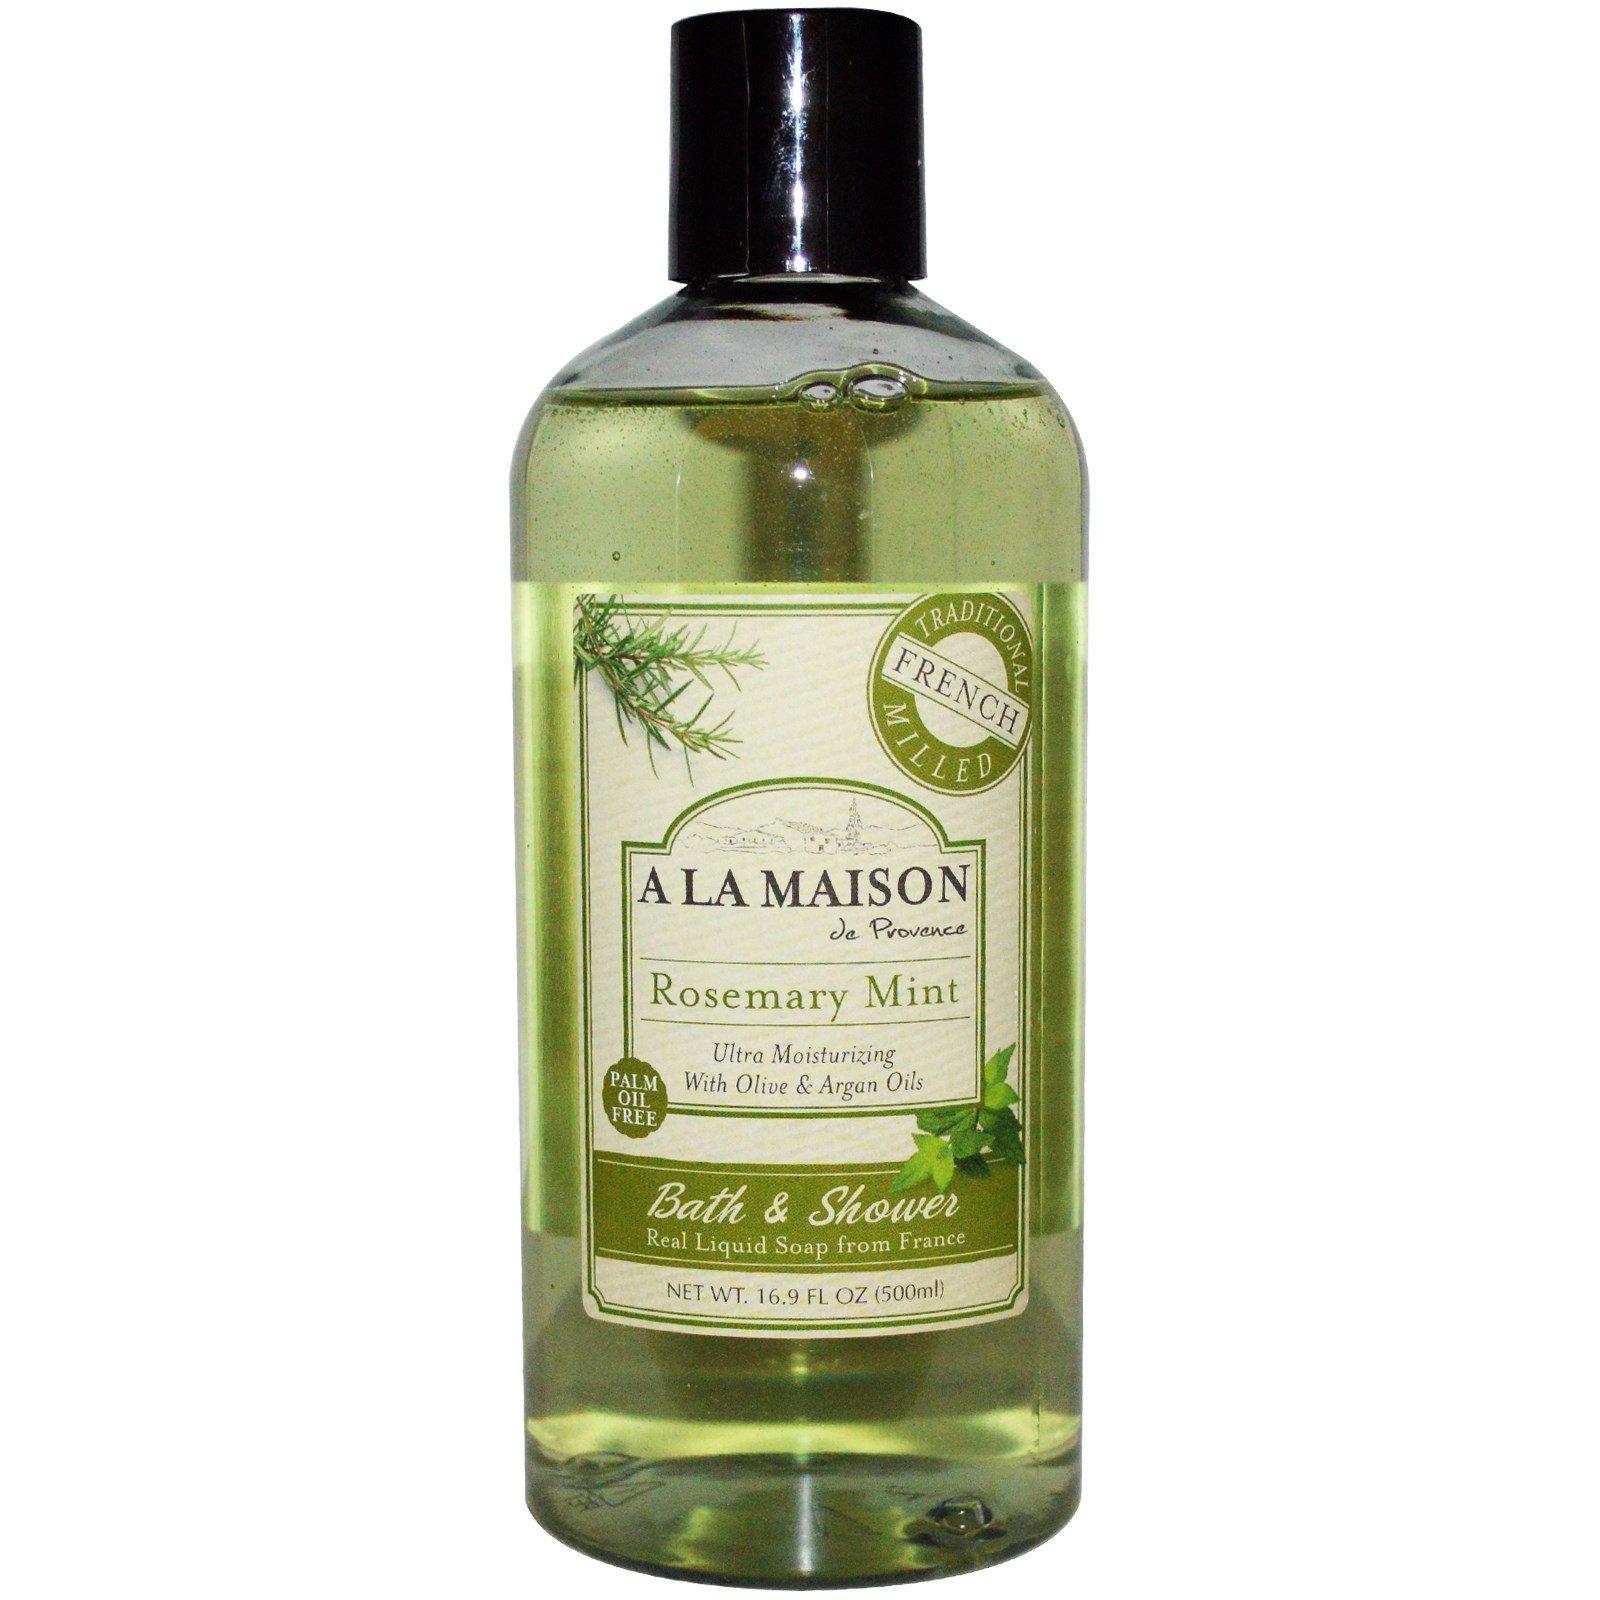 A La Maison de Provence, Жидкое мыло для ванны и душа, розмарин и мята, 500 мл (16,9 жидких унций)